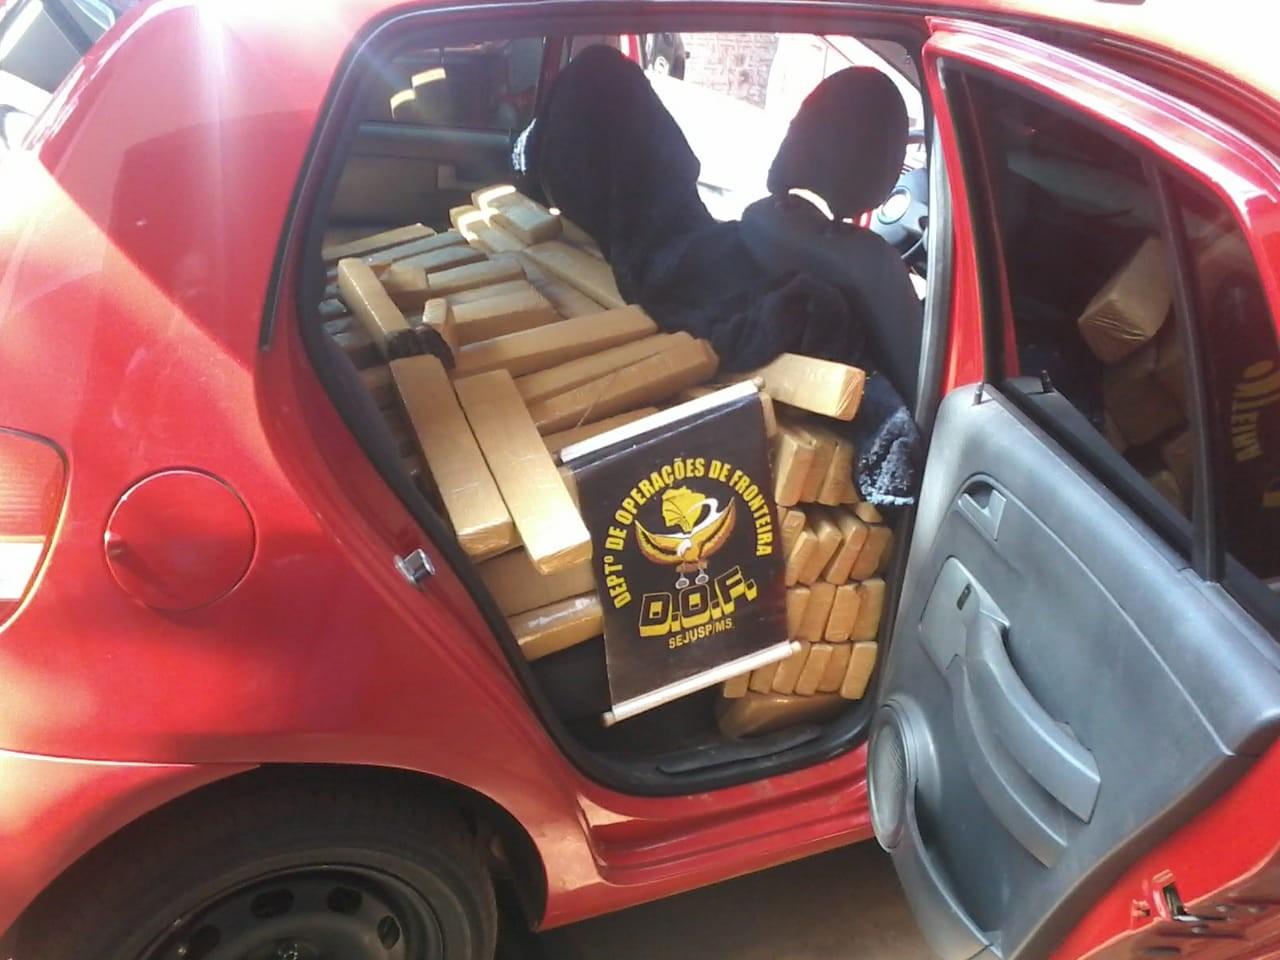 Após fuga em alta velocidade, polícia de MS apreende 551kg de droga em carro com placas de SP